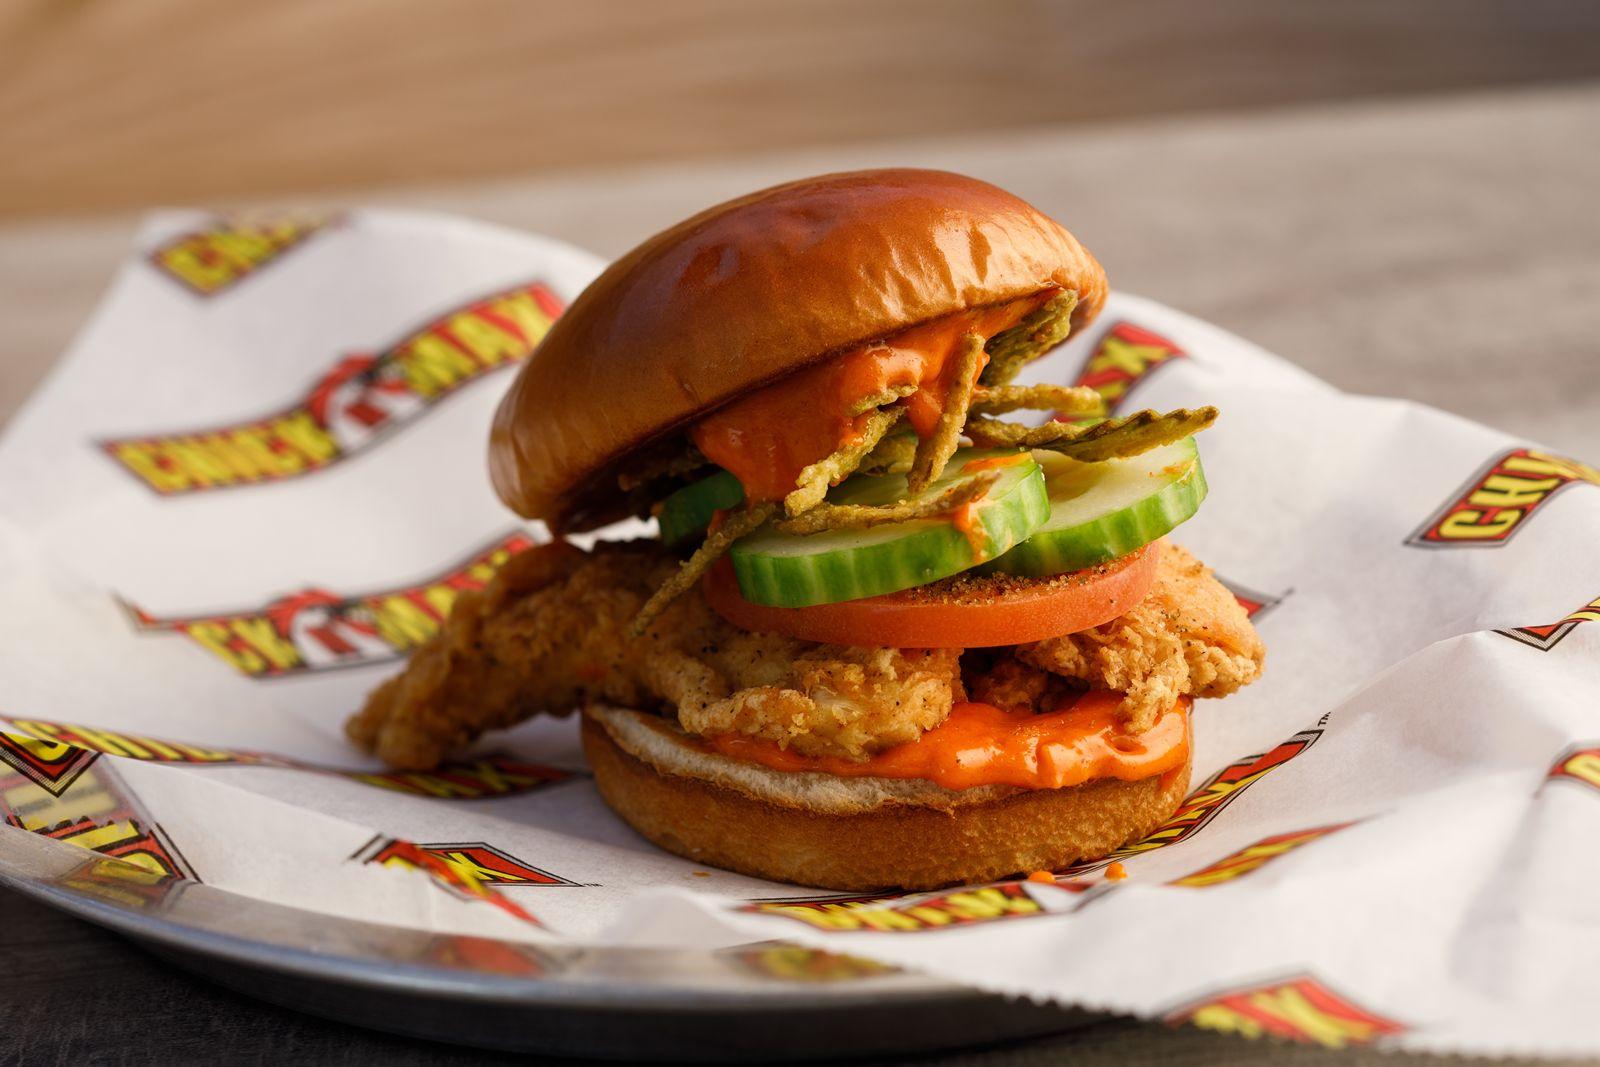 Chick N Max Sweet & Spicy Chicken Sandwich